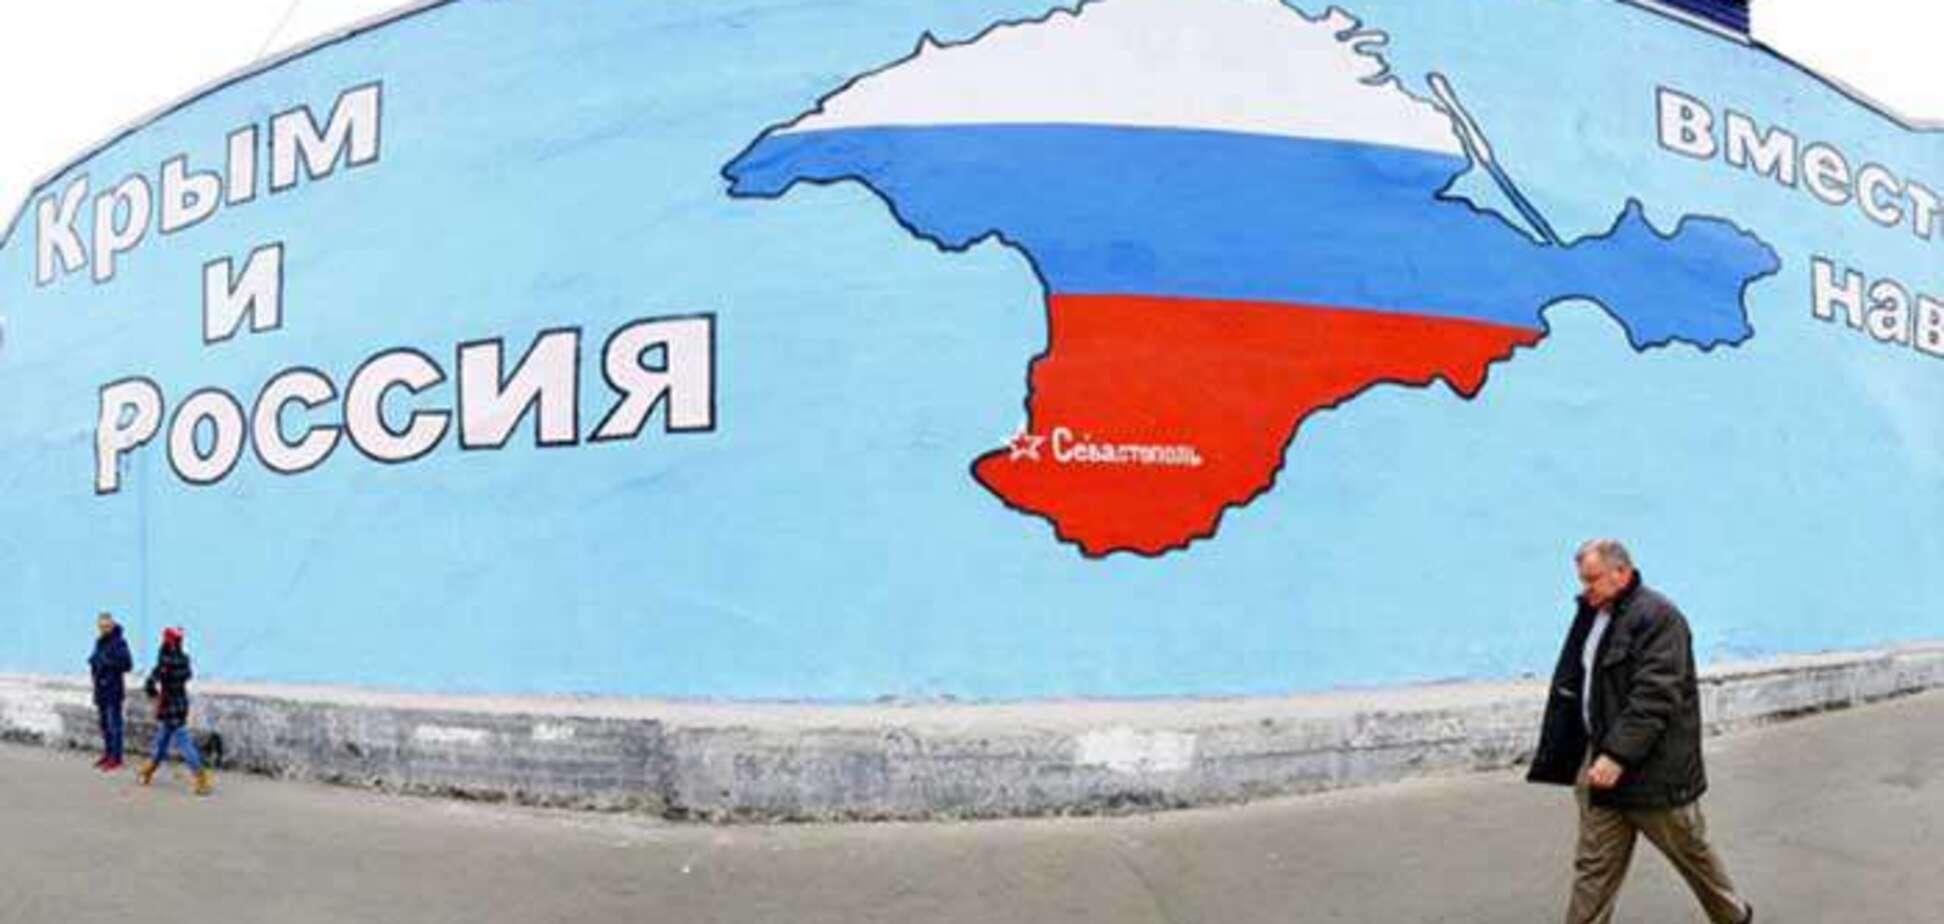 'Крим повернеться': в Україні дали жорсткий прогноз